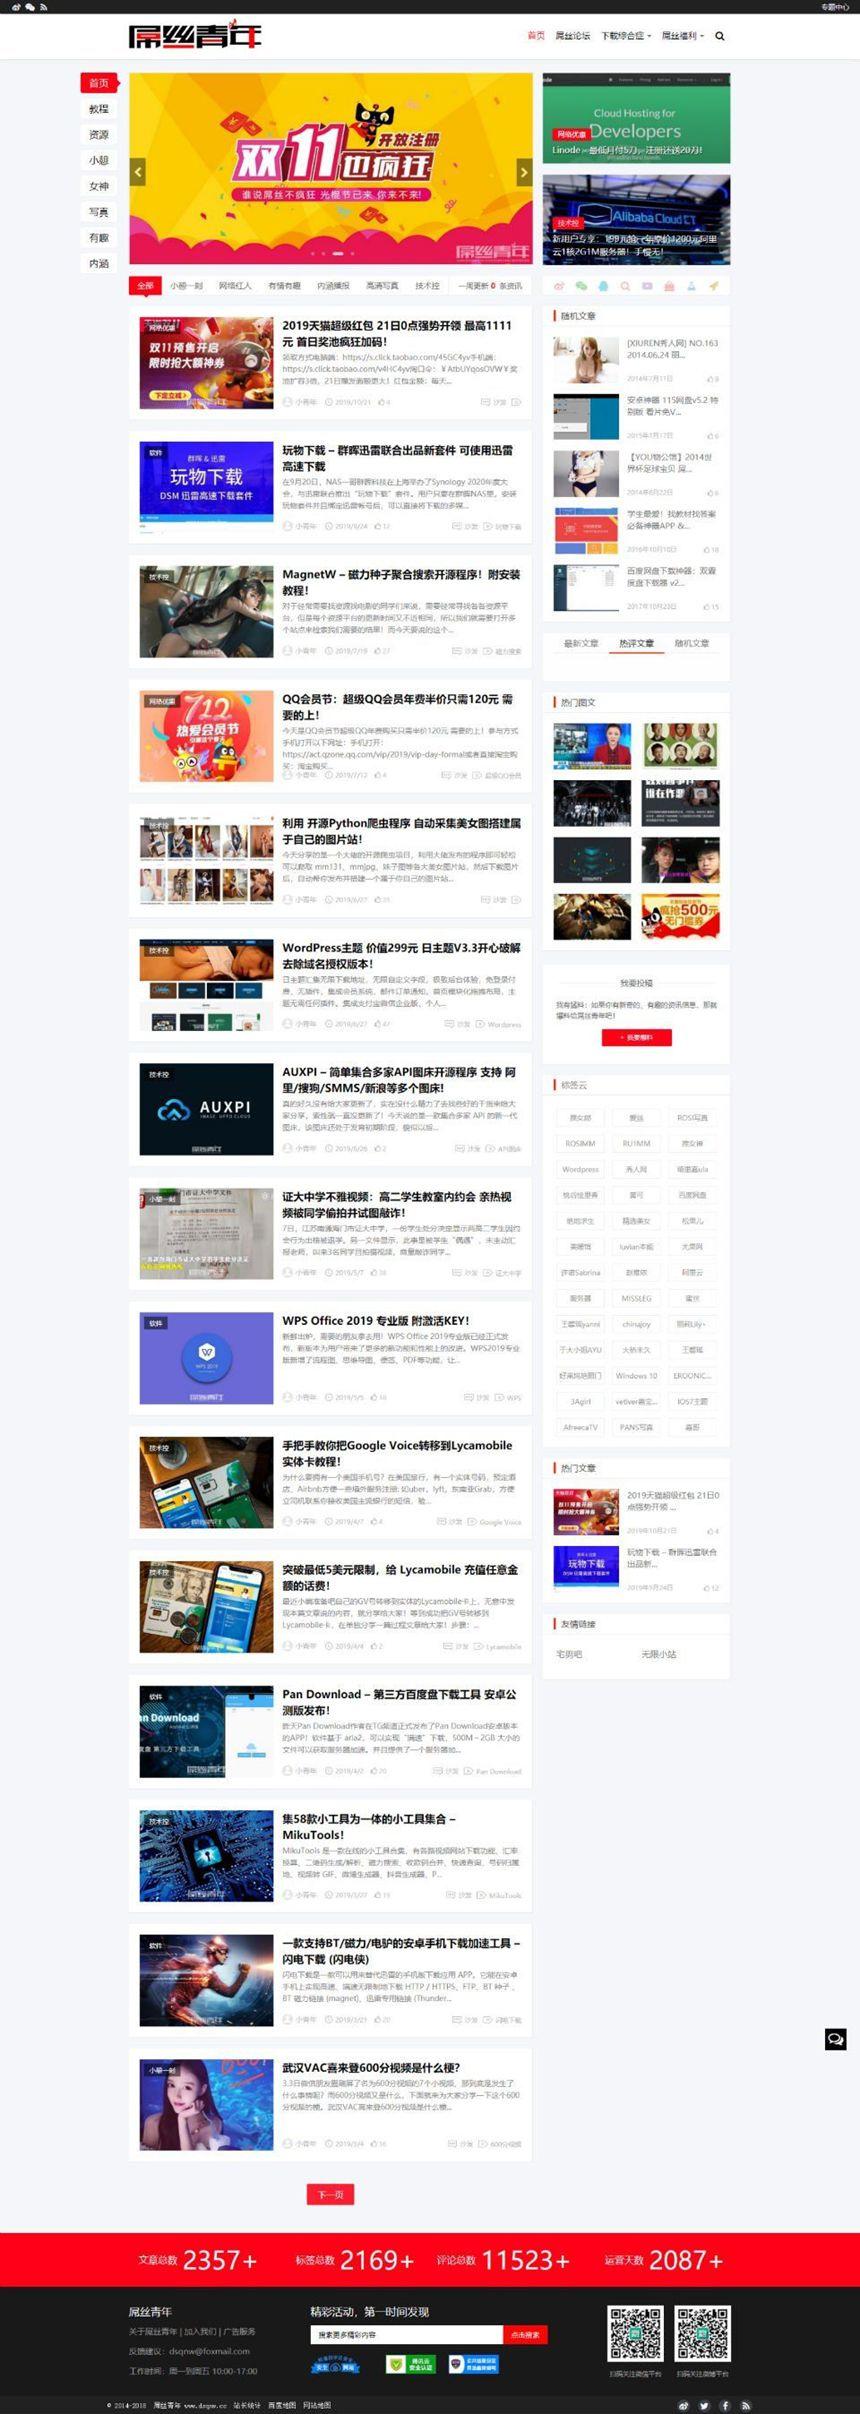 【LIiu-One二开主题】最新仿吊丝青年网站文章资讯自媒体通用WordPress主题-找主题源码